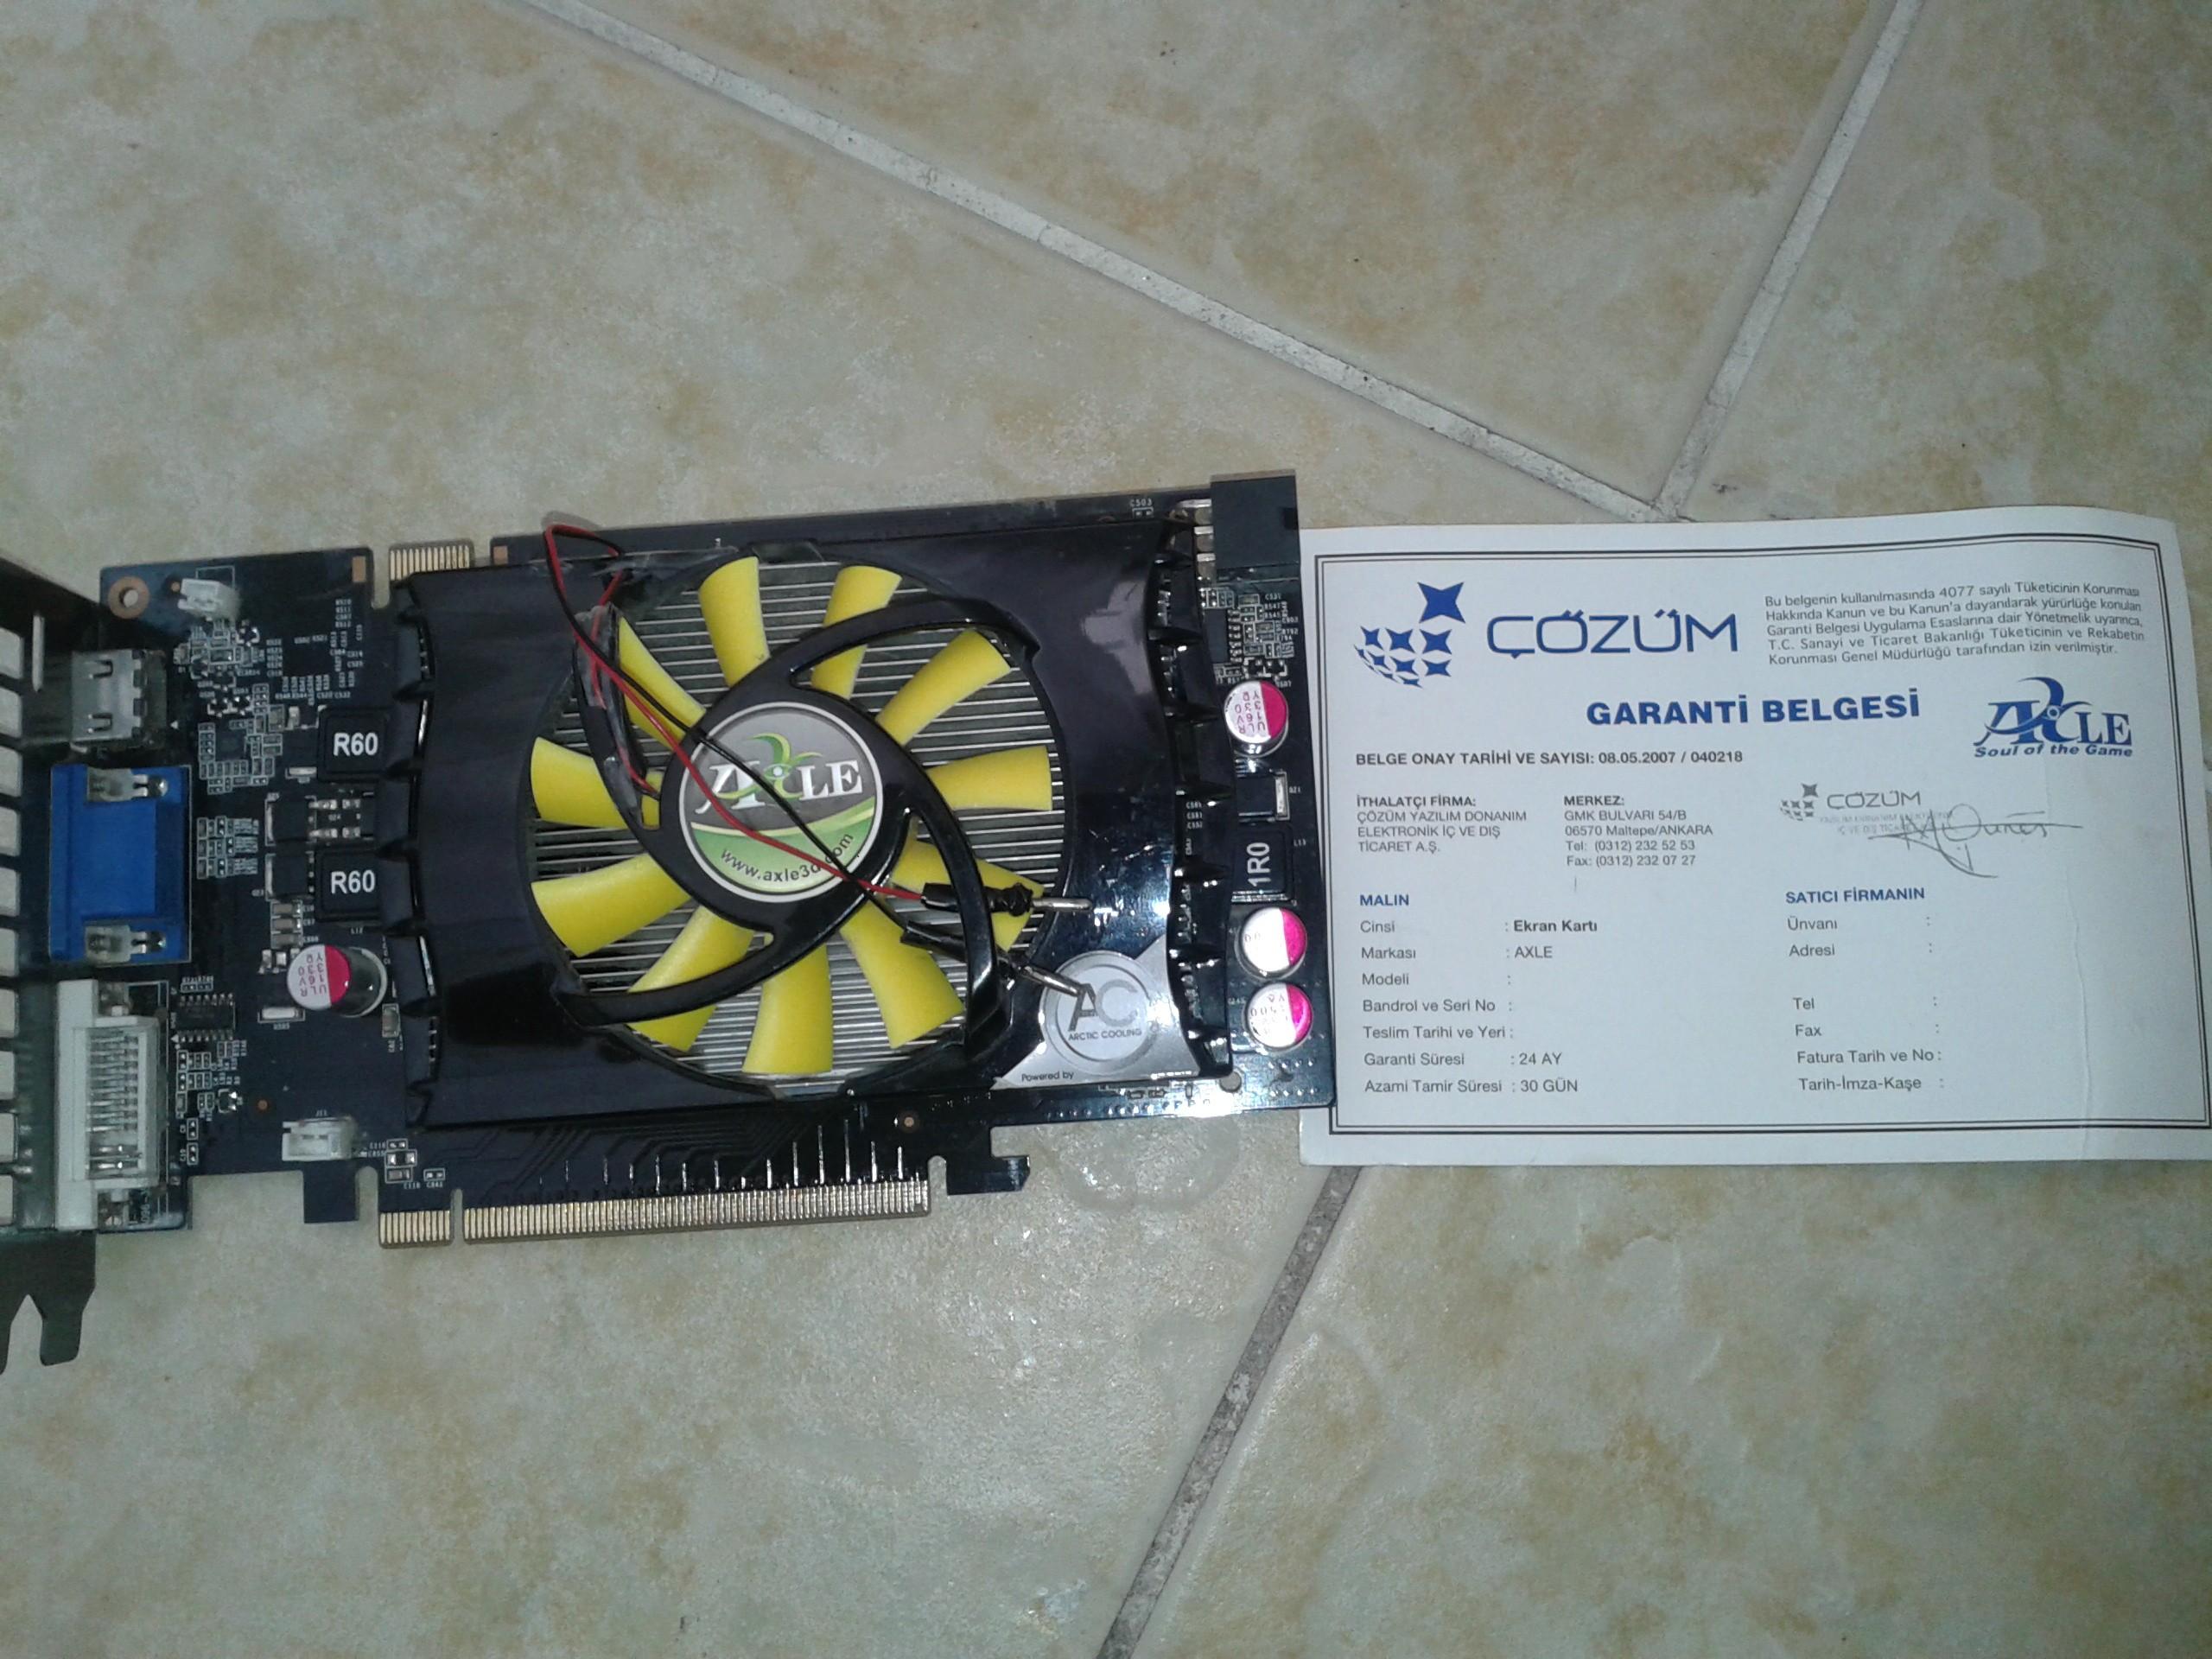 Nvidia GeForce 9600 GT: ekran kartının özellikleri